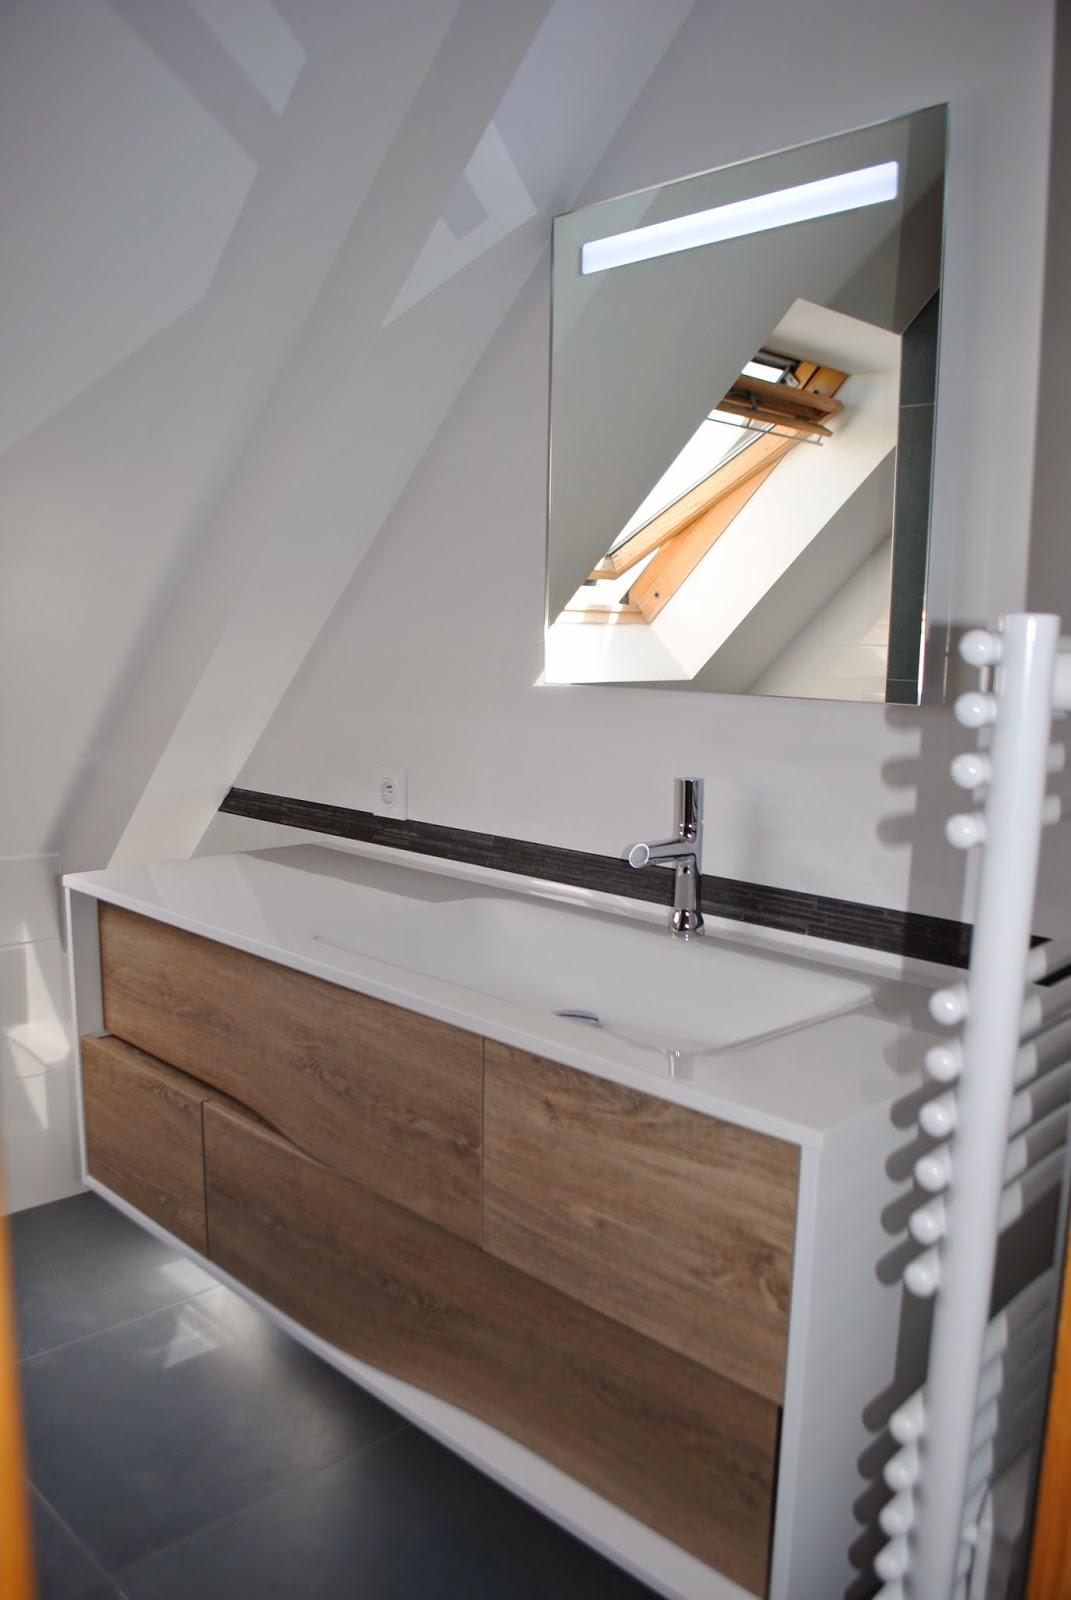 #A96522 CREATION DE SALLES DE BAINS DOUCHE A L' ITALIENNE ET  2743 petite salle de bain haut de gamme 1071x1600 px @ aertt.com